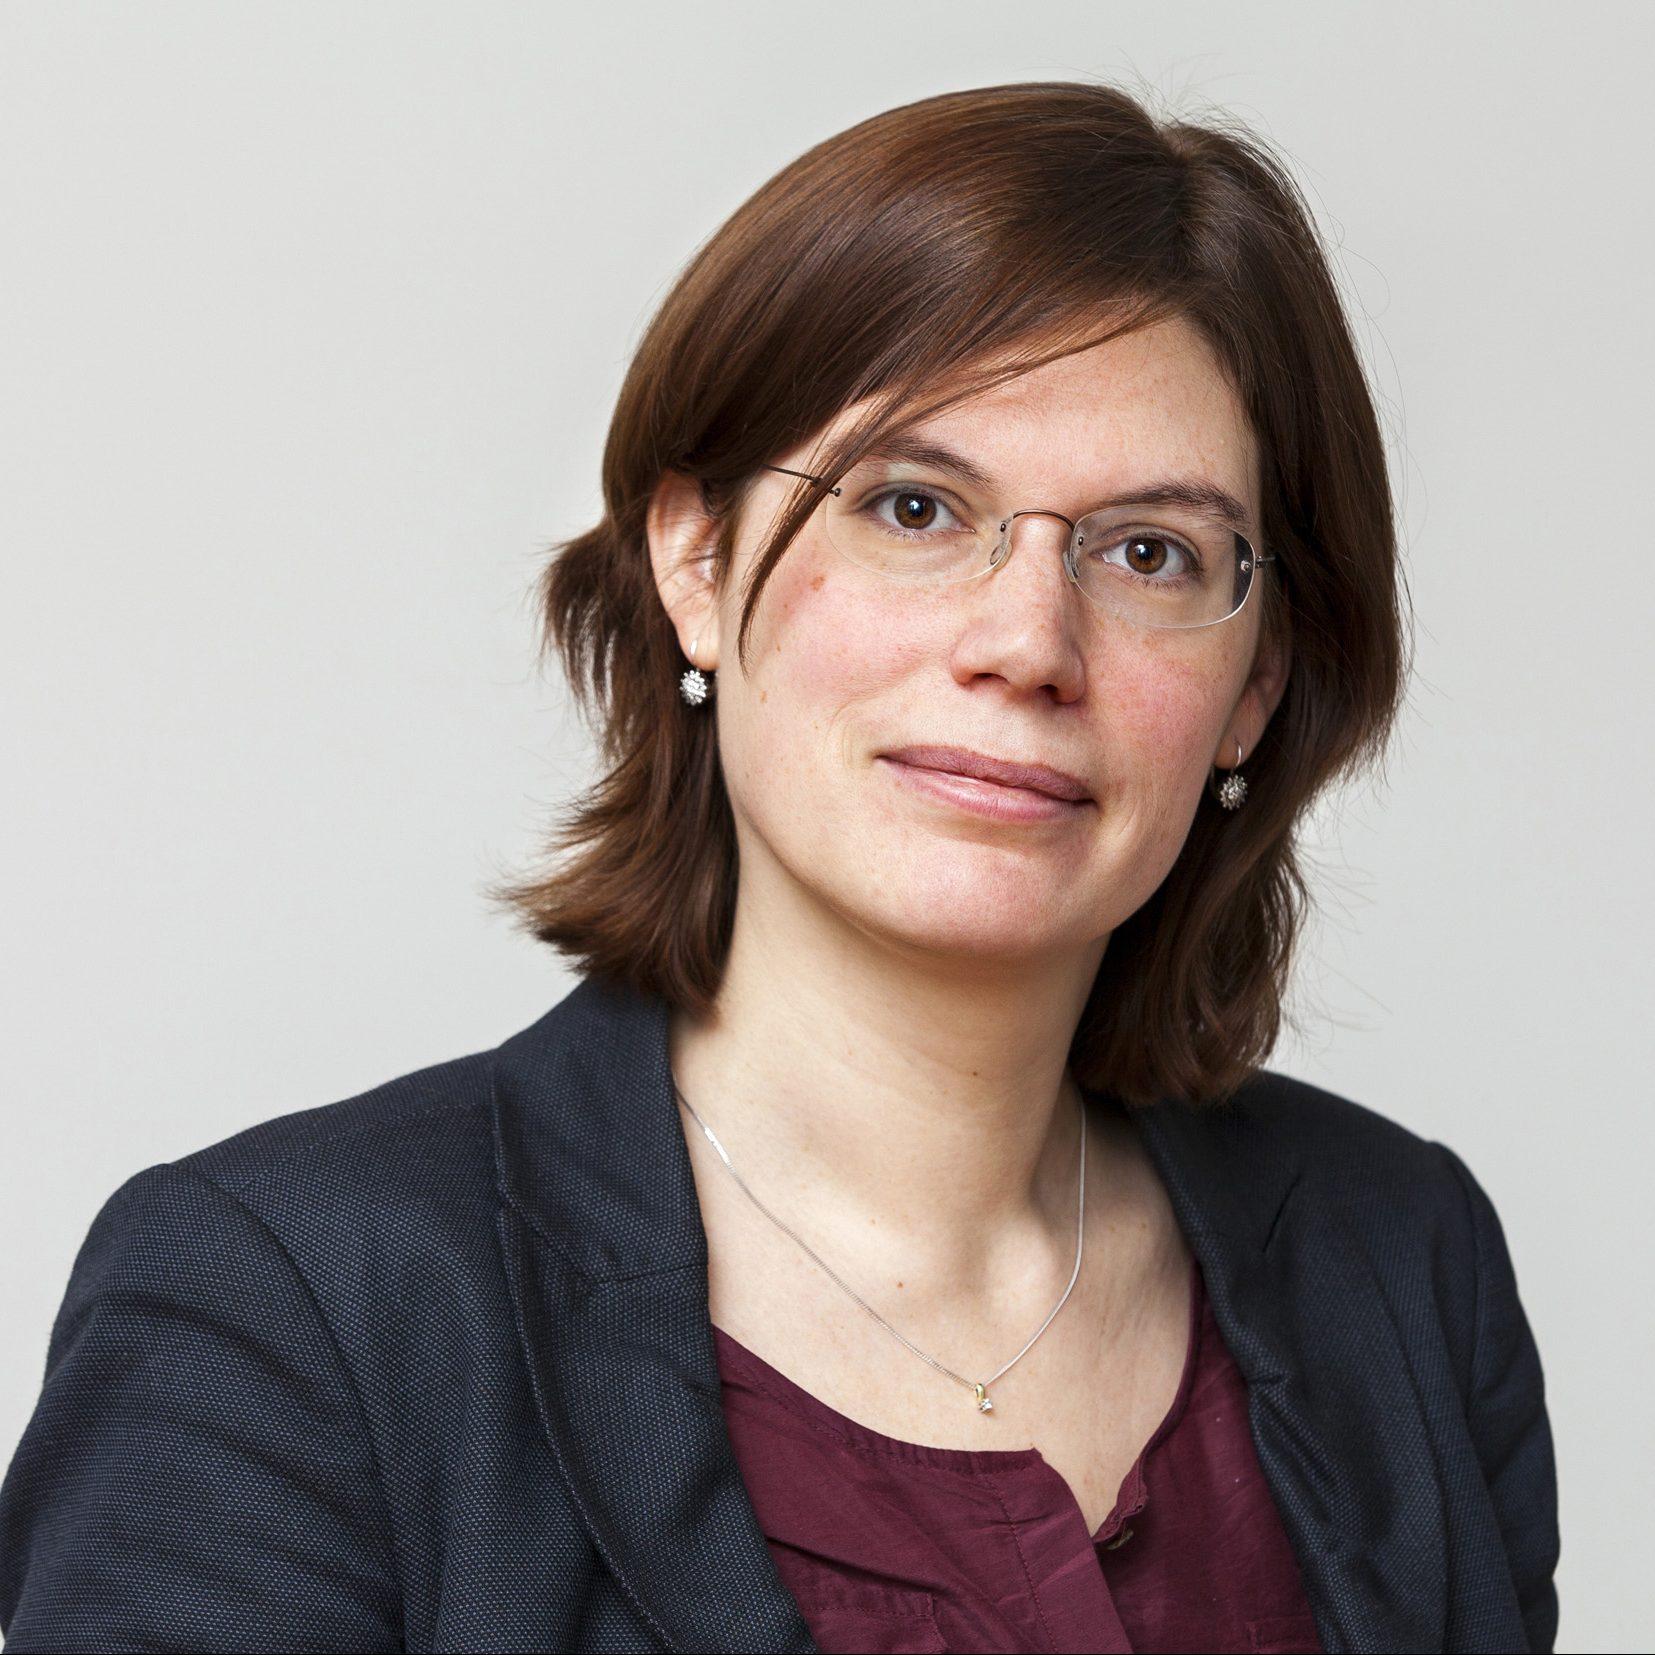 Louise van Schaik